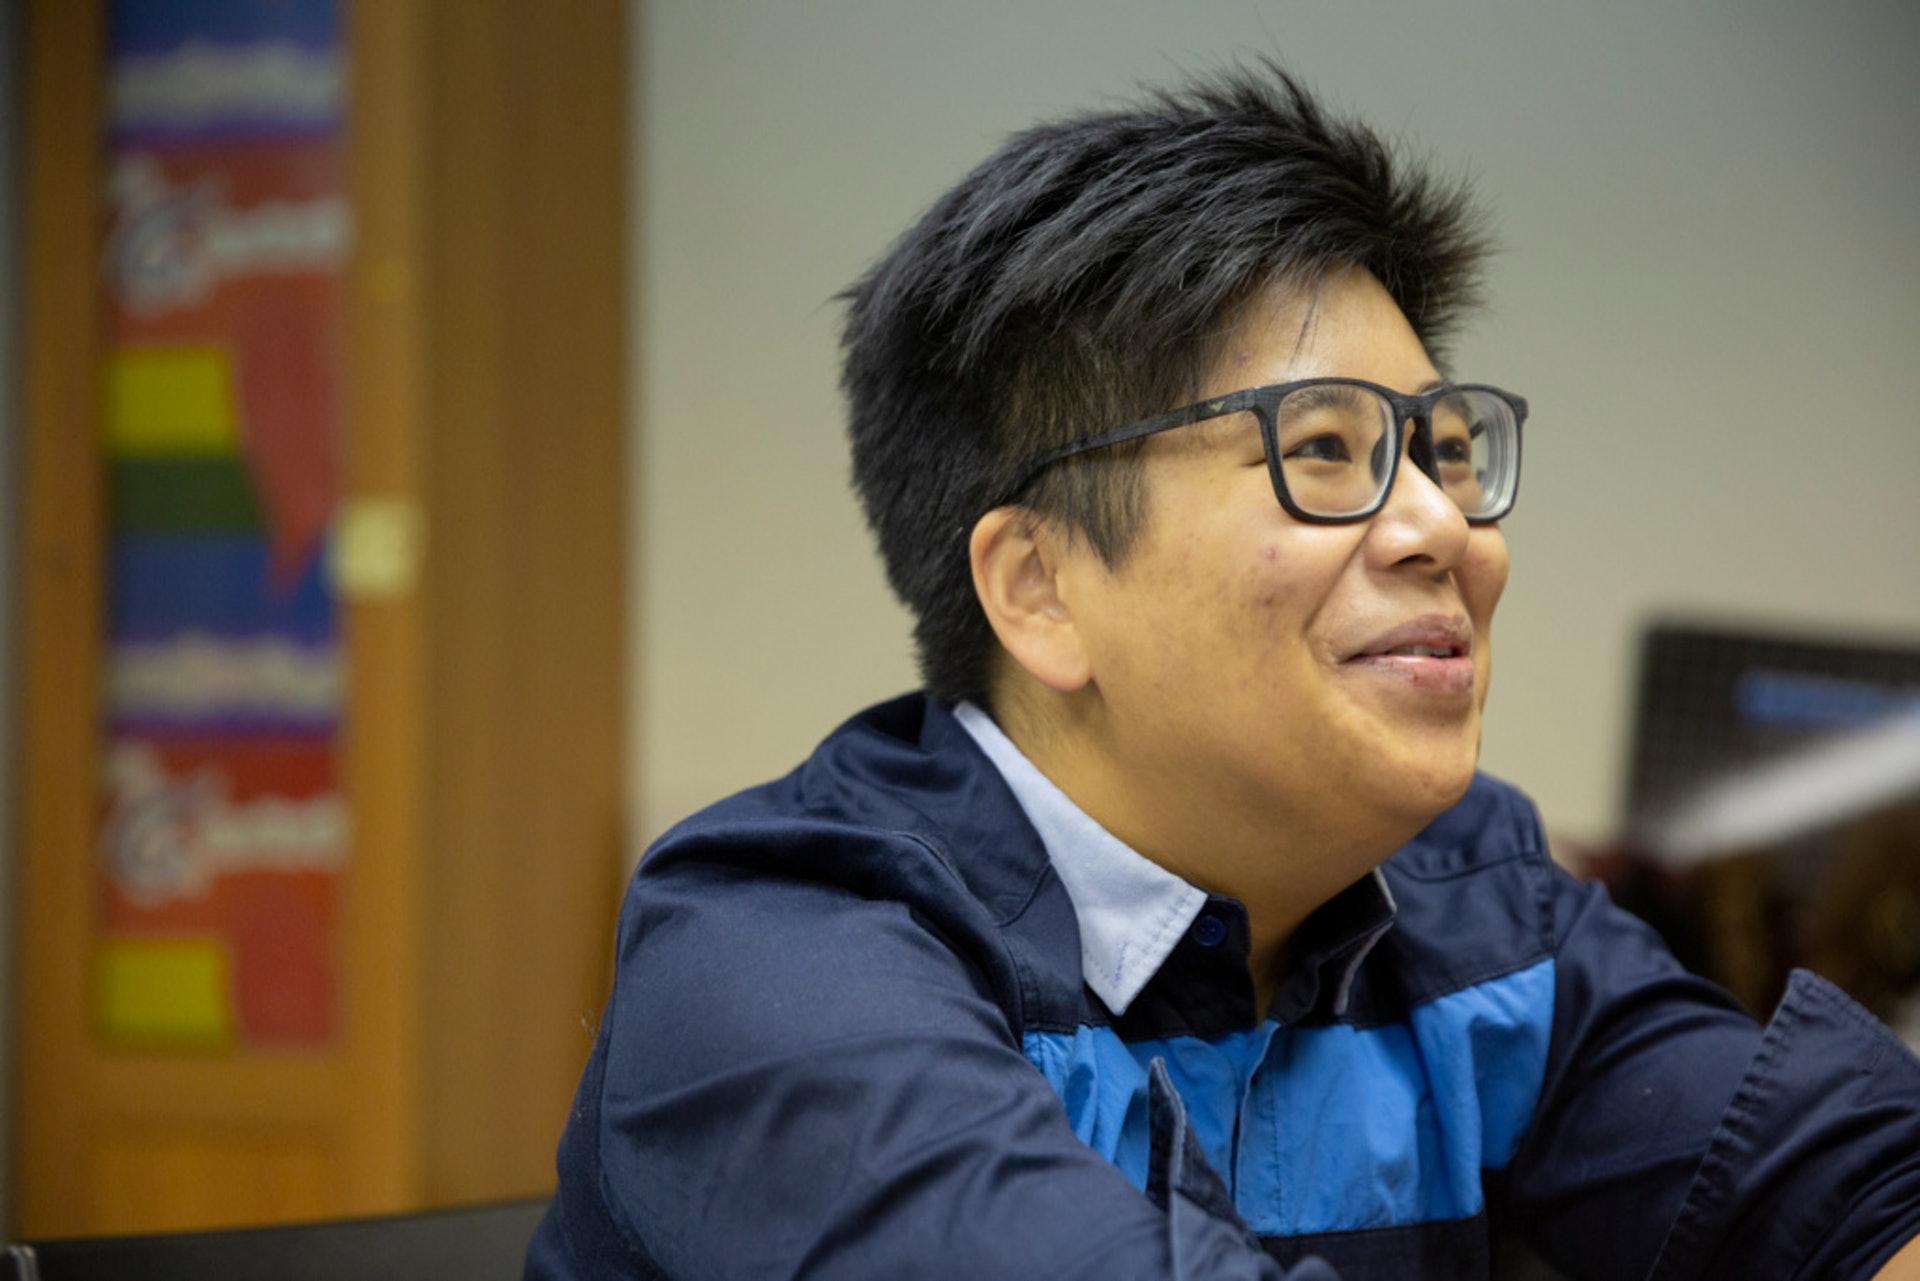 郭可芹今年31歲,2008年起加入同志運動,現是女同學社的執行幹事及「G點電視」台長。